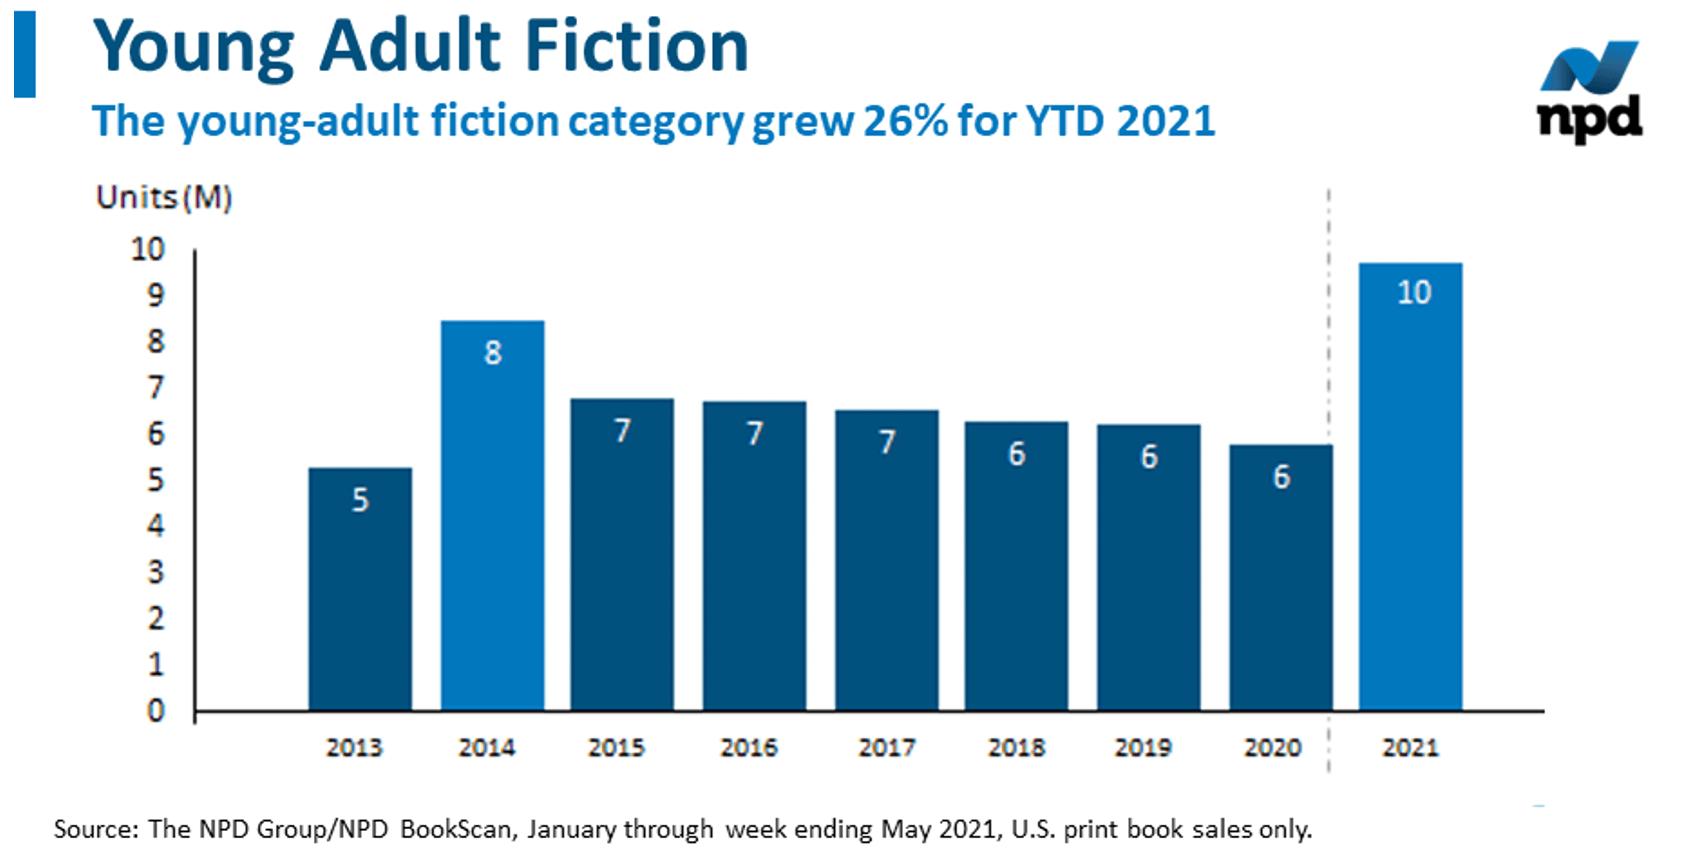 """Laut Marktforschungsinstitut NPD wurden in den USA im ersten Quartal 2021 mehr Bücher des Genres """"Young Adult Fiction"""" verkauft als seit Jahren im Vergleichszeitraum. Eine Erklärung sieht NPD in der Einführung der Rubrik #BookTok auf TikTok Anfang zu Jahres - die zwei meistverkauften Titel des Genres sind nämlich keine Neuerscheinungen sondern ältere Bücher, deren Nutzer-Vorstellungen auf TikTok millionenfach angeschaut und diskutiert wurden."""